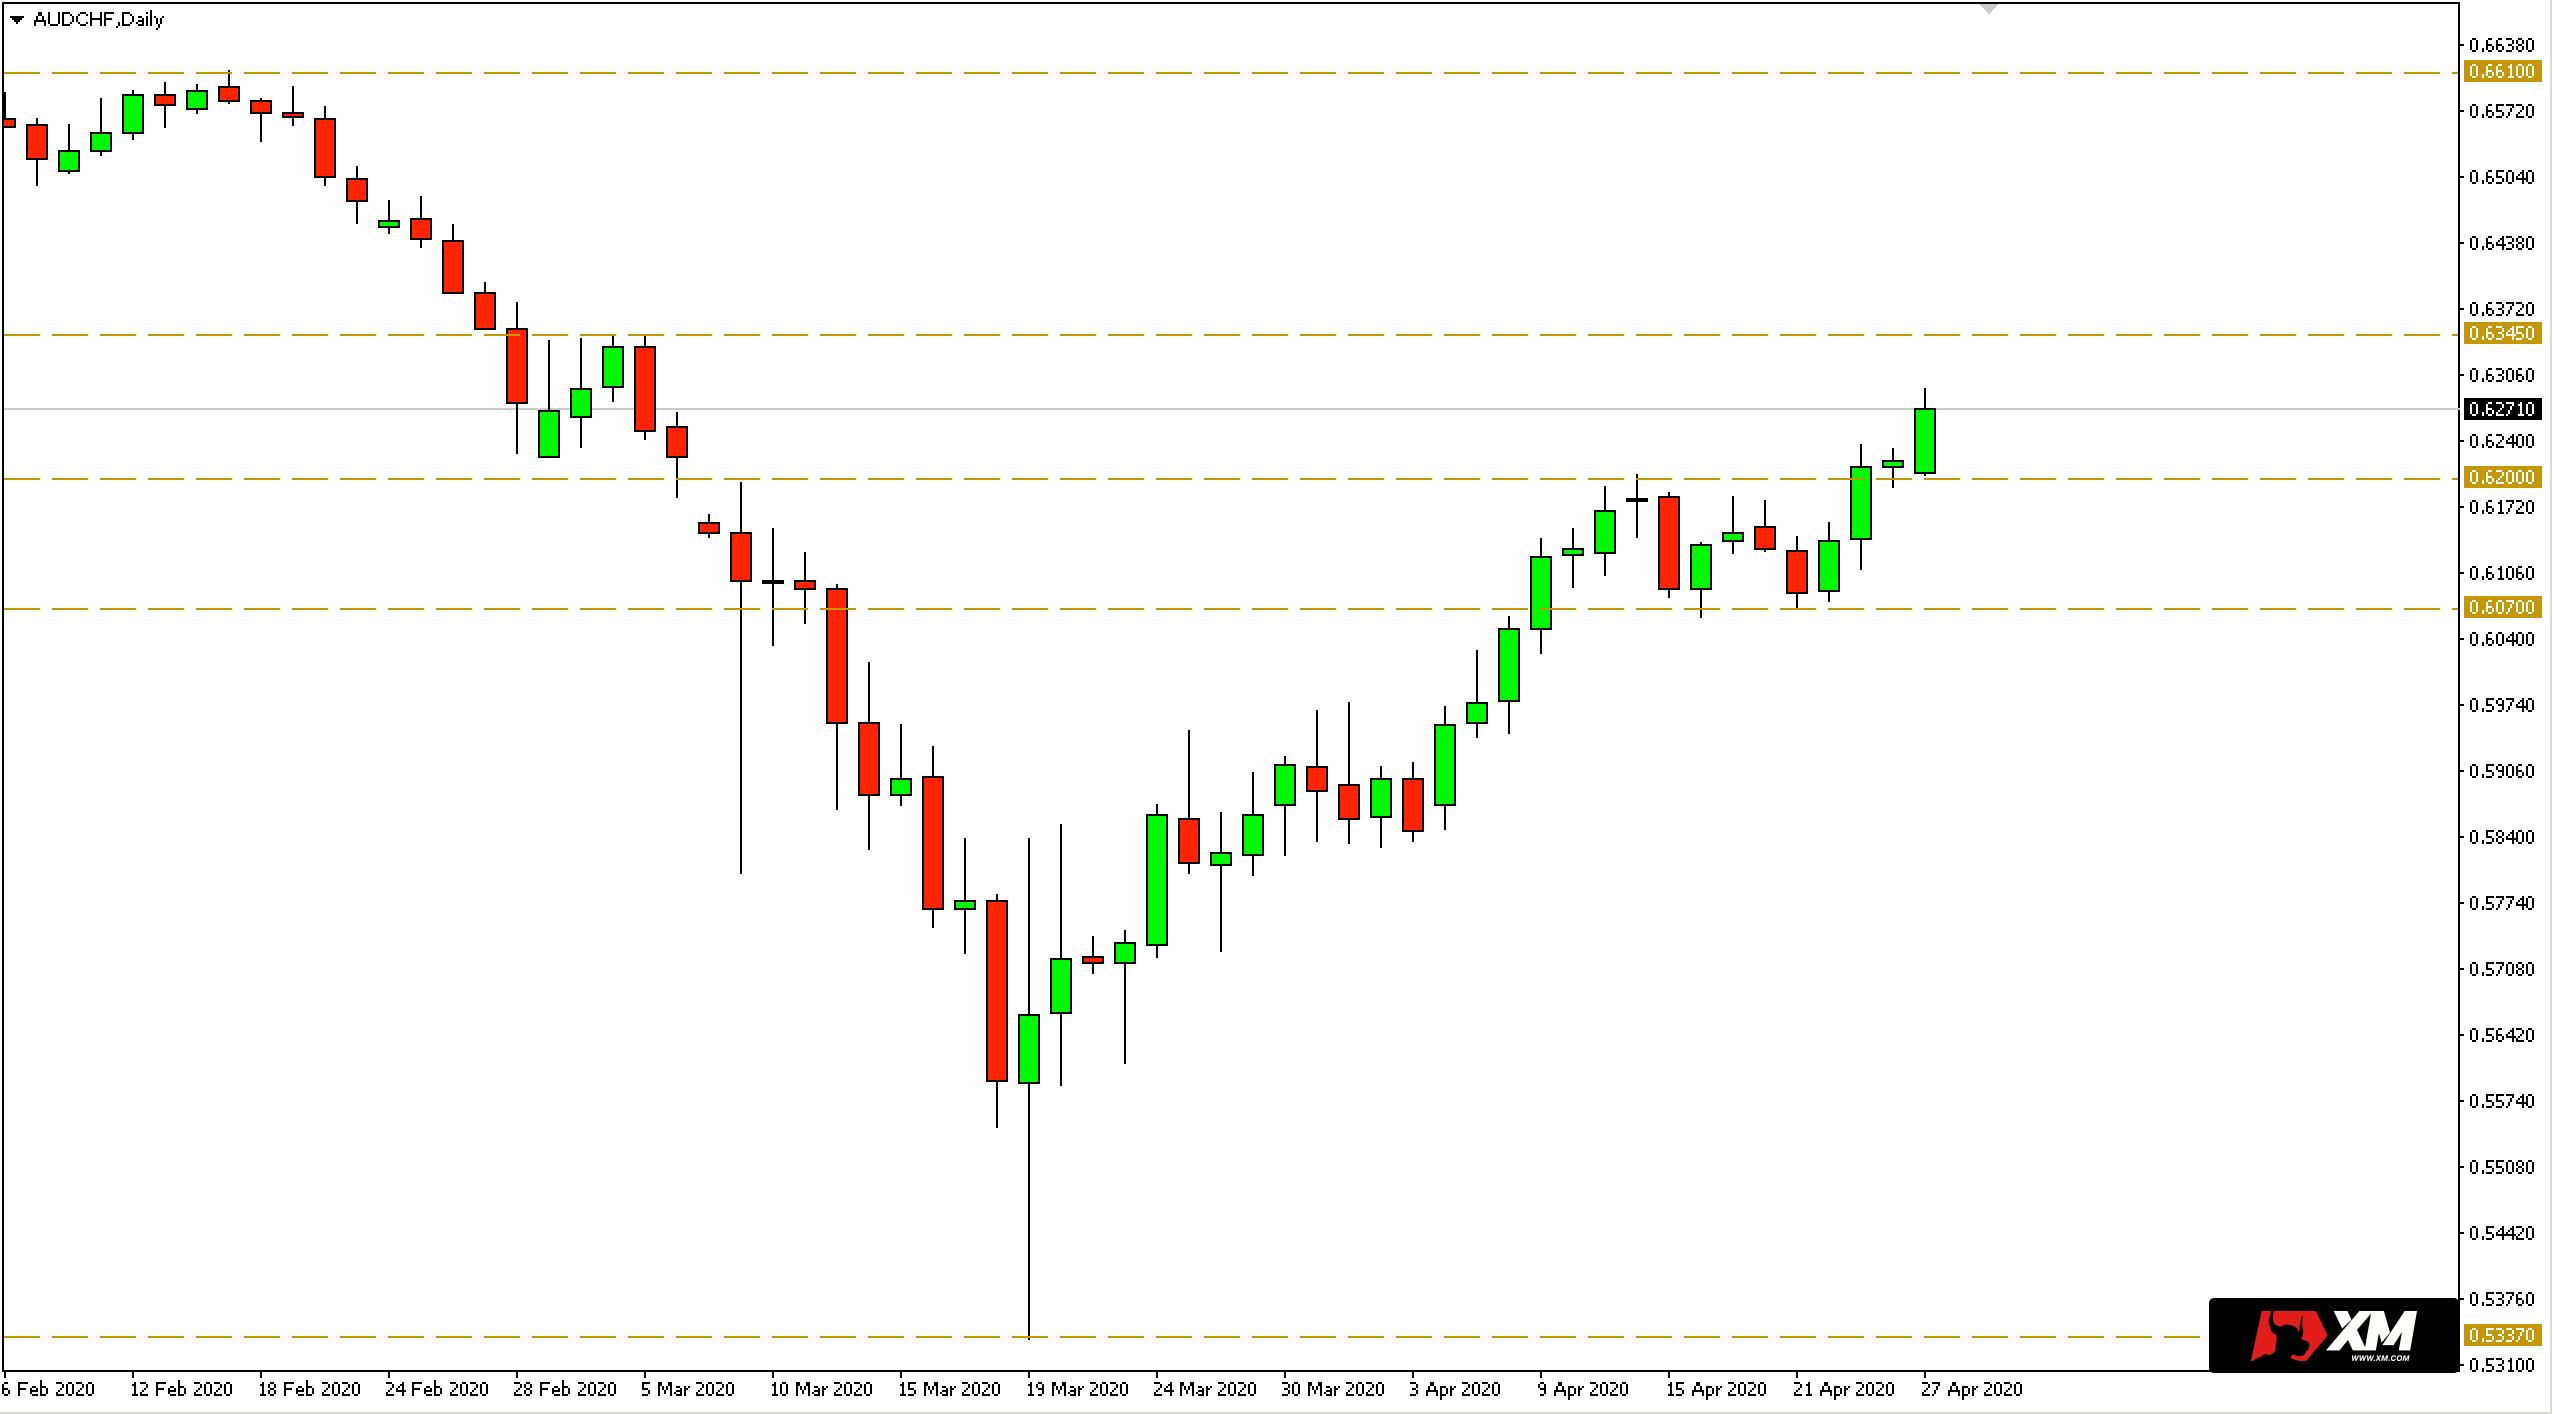 Wykres dzienny pary walutowej AUDCHF - 27 kwietnia 2020 r.